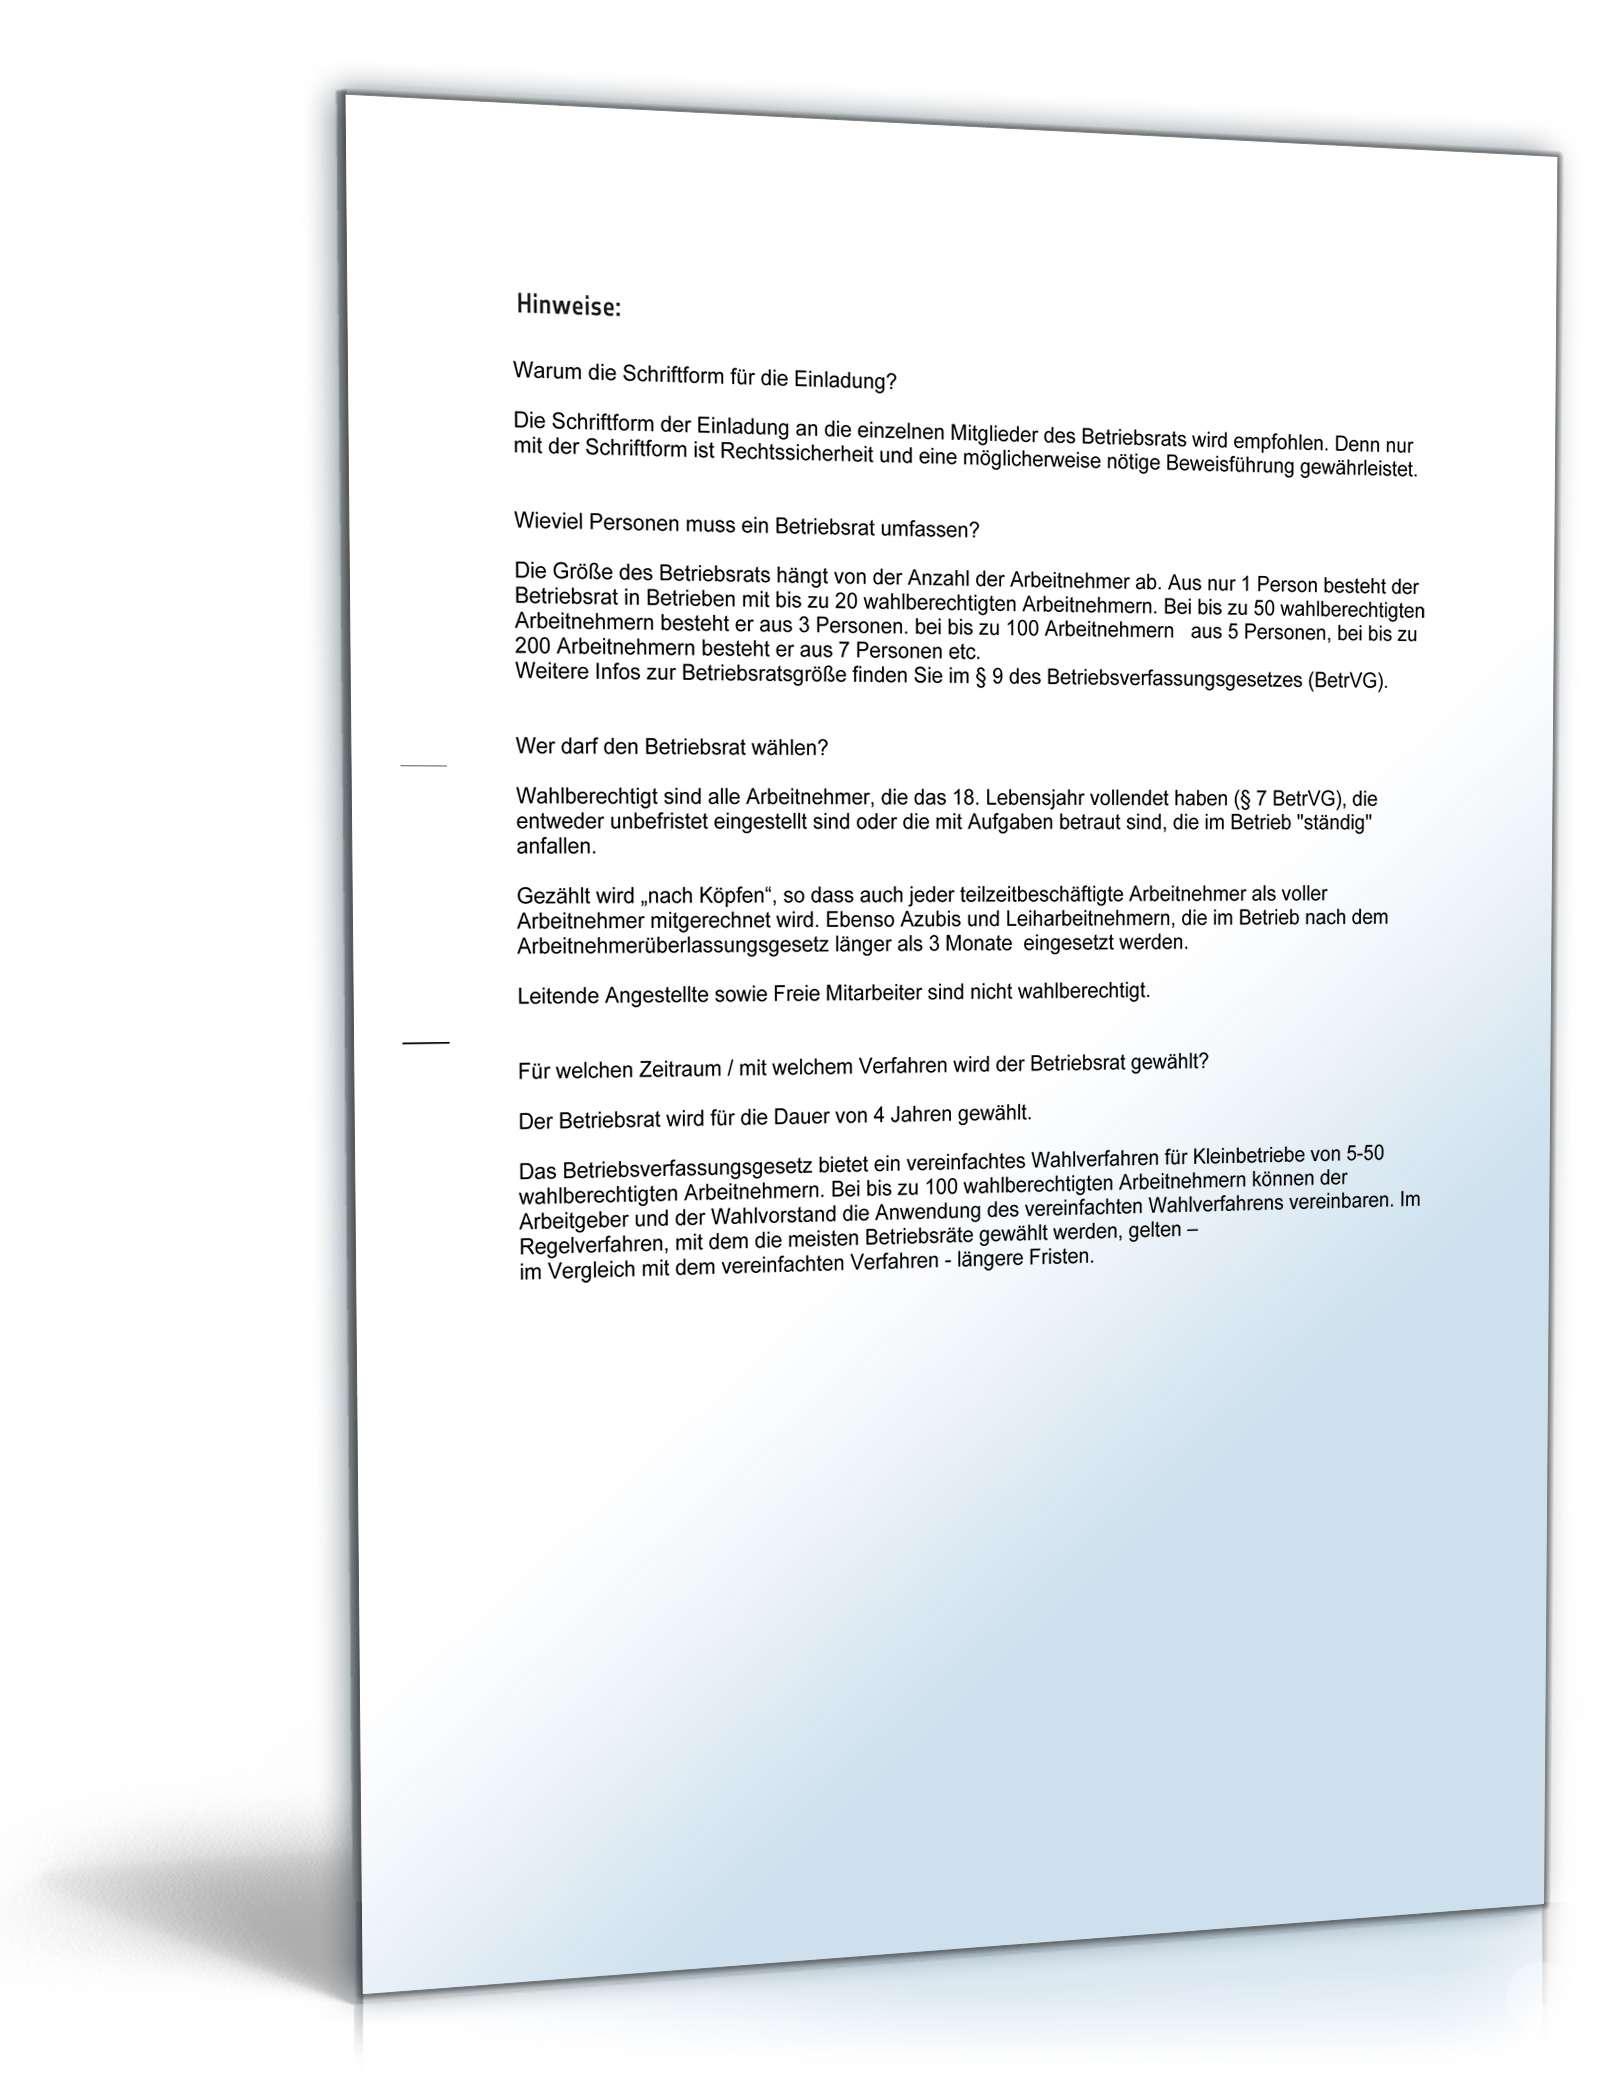 Musterbriefe Geschäftsbriefe : Einladung konstituierende sitzung betriebsrat